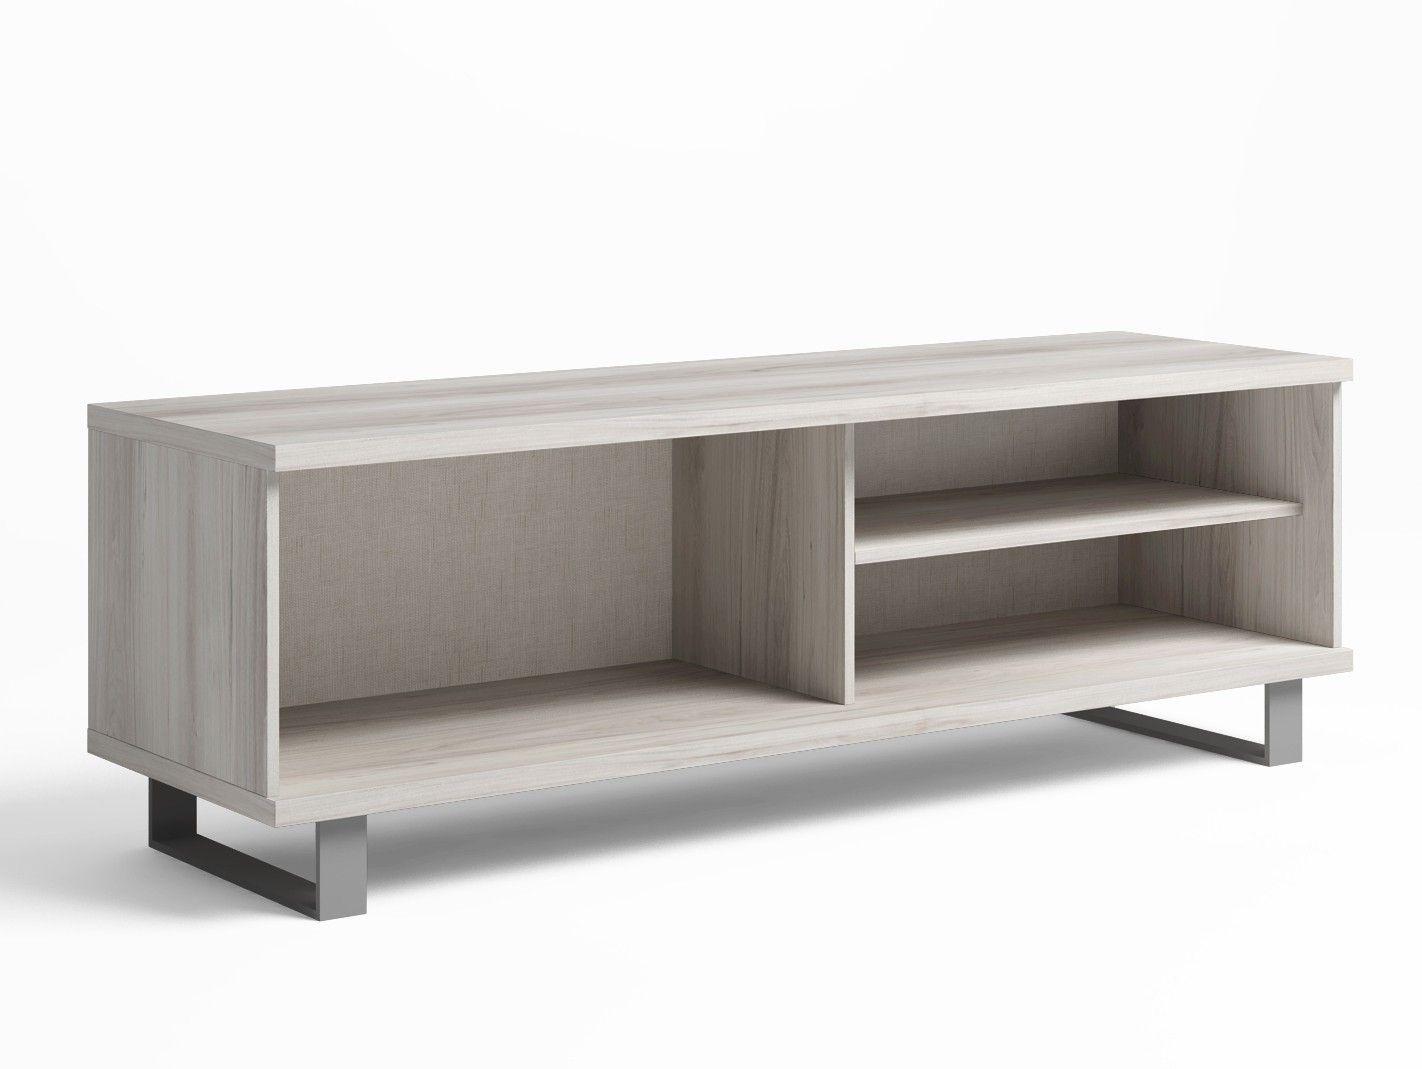 Salon el mueble mueble modular de saln estilo rstico - El mueble salon ...